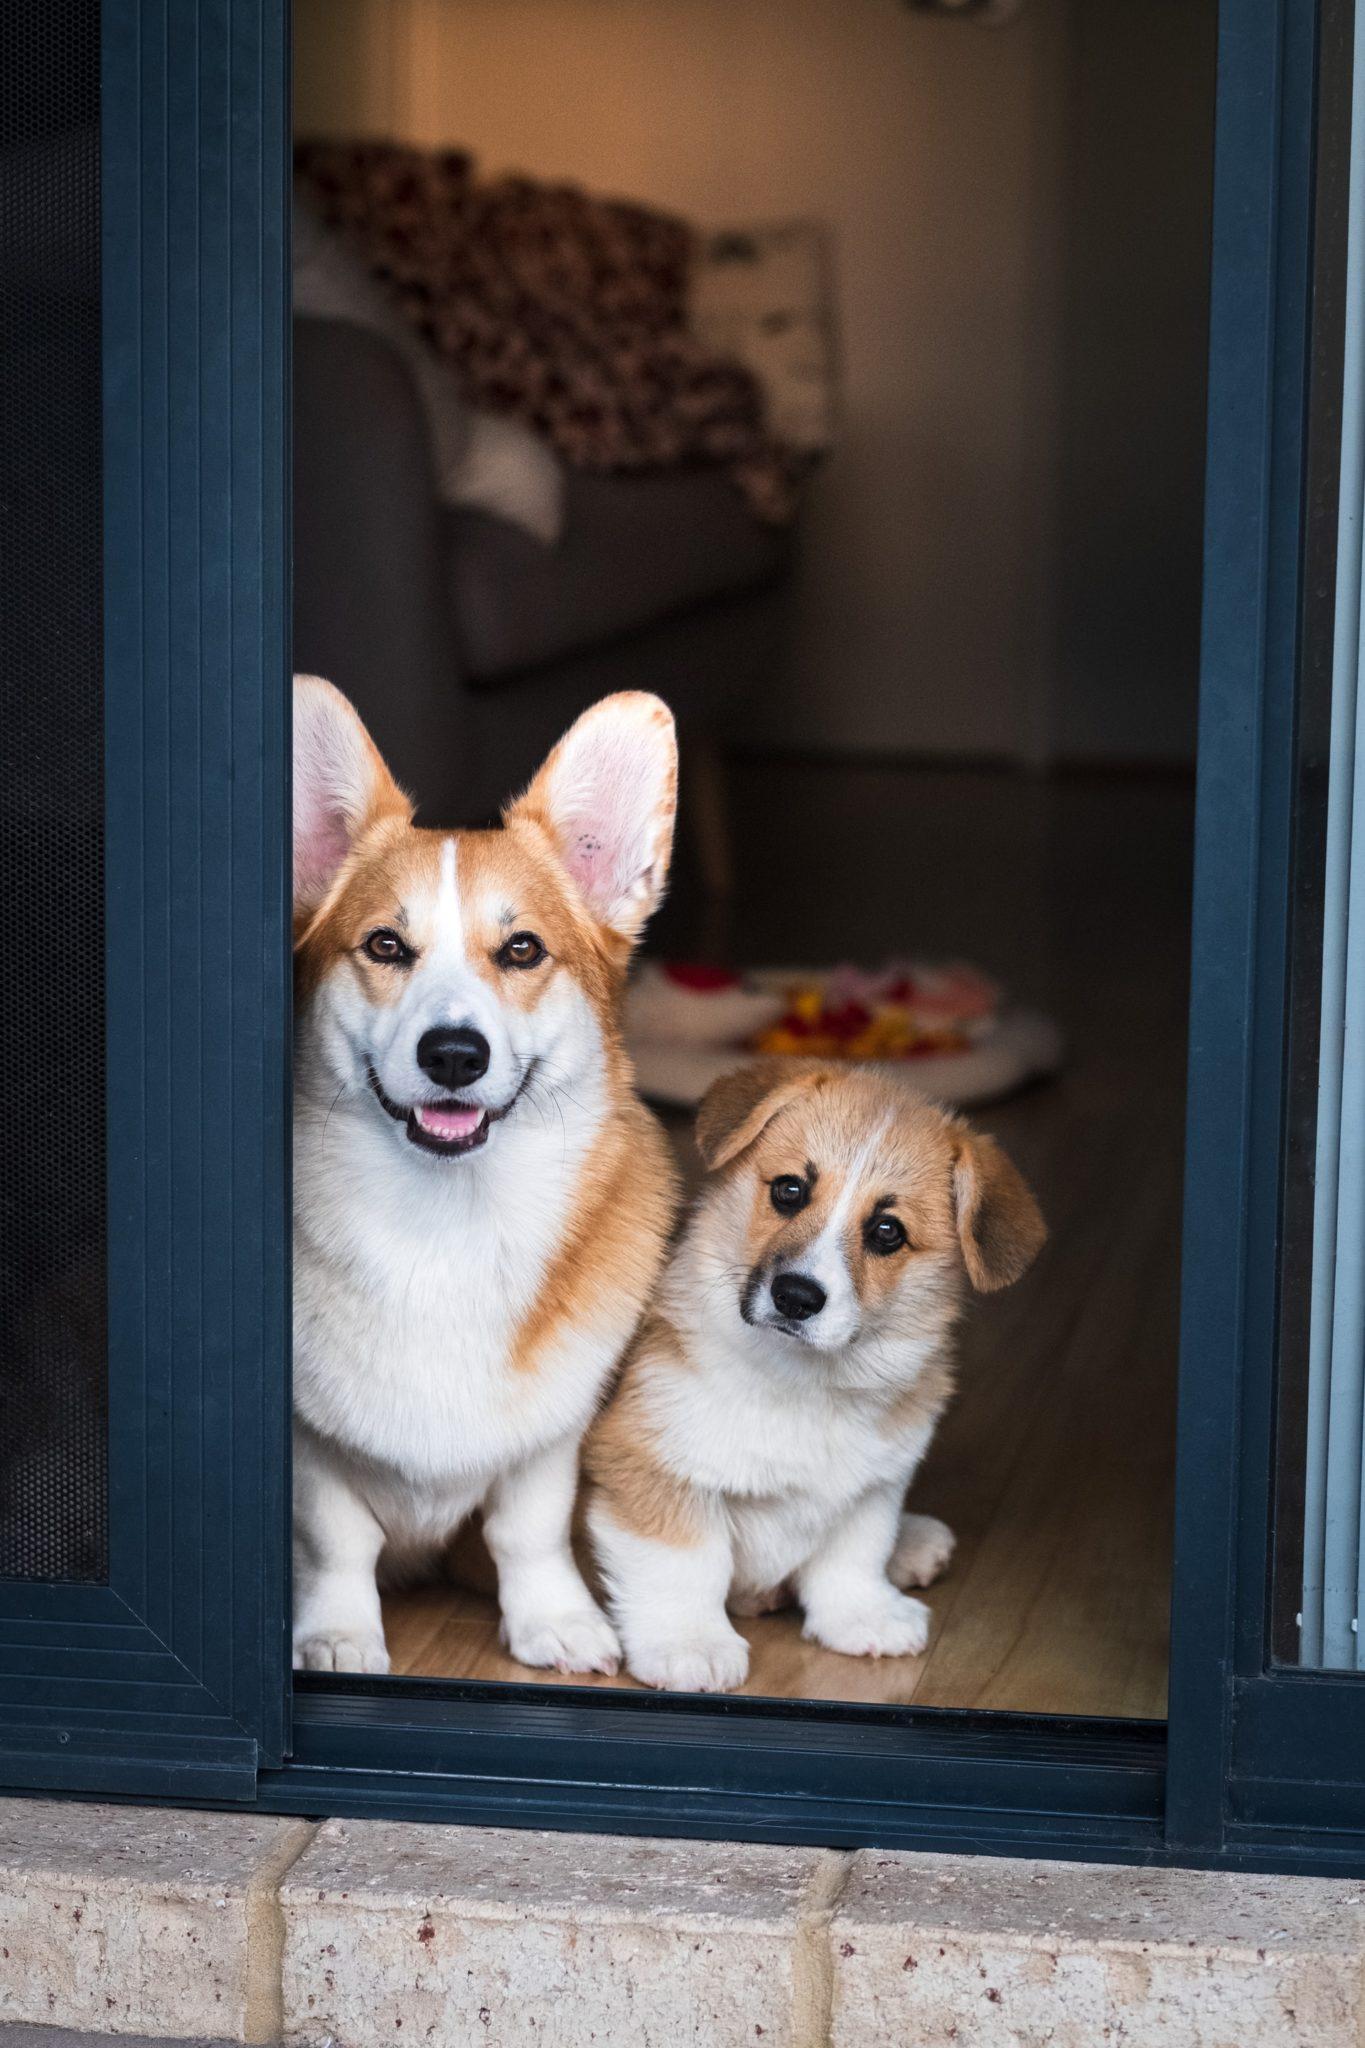 deux chiens corgi dans l'ouverture d'une porte